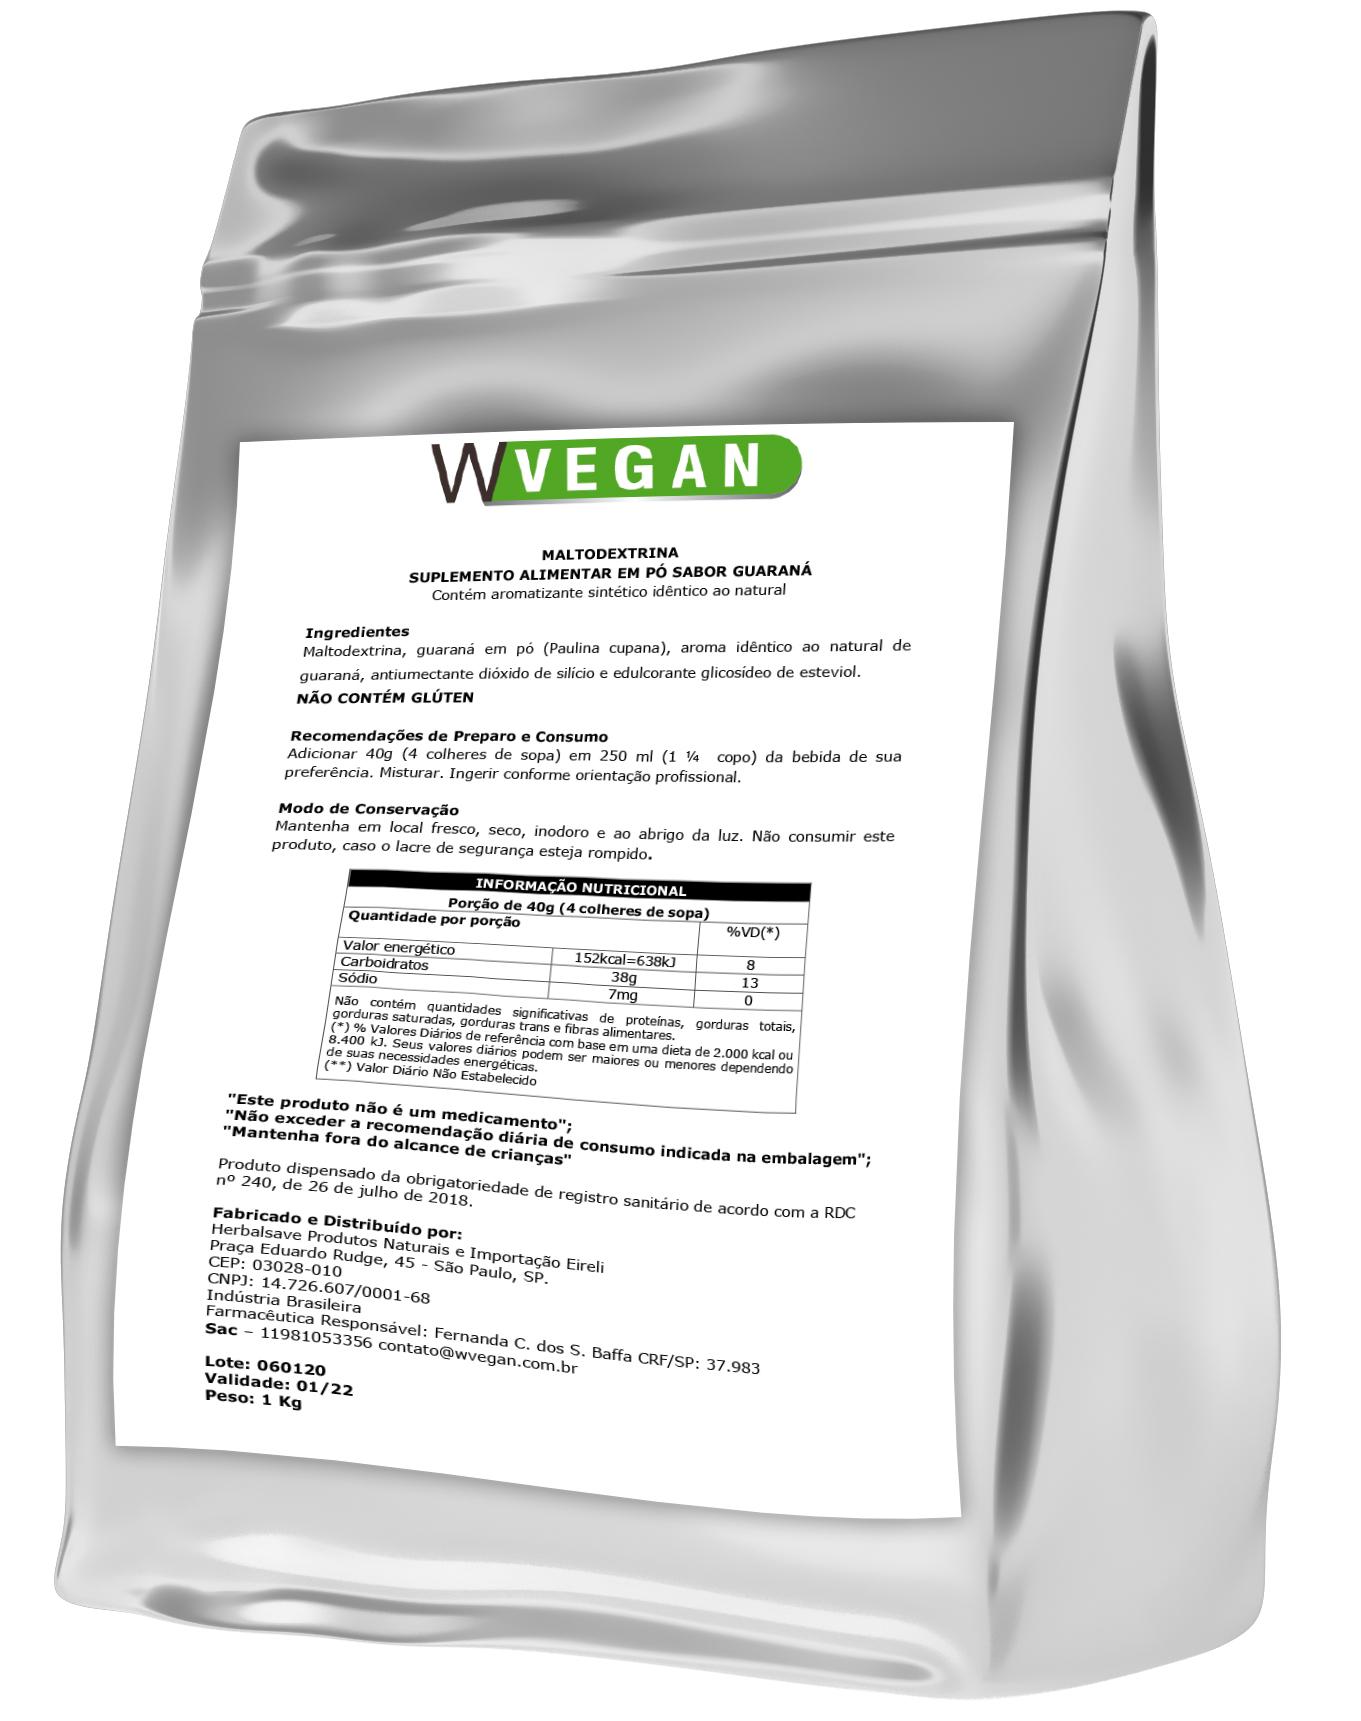 Maltodextrina 1kg Sabor Guarana Embalagem Refil WVegan